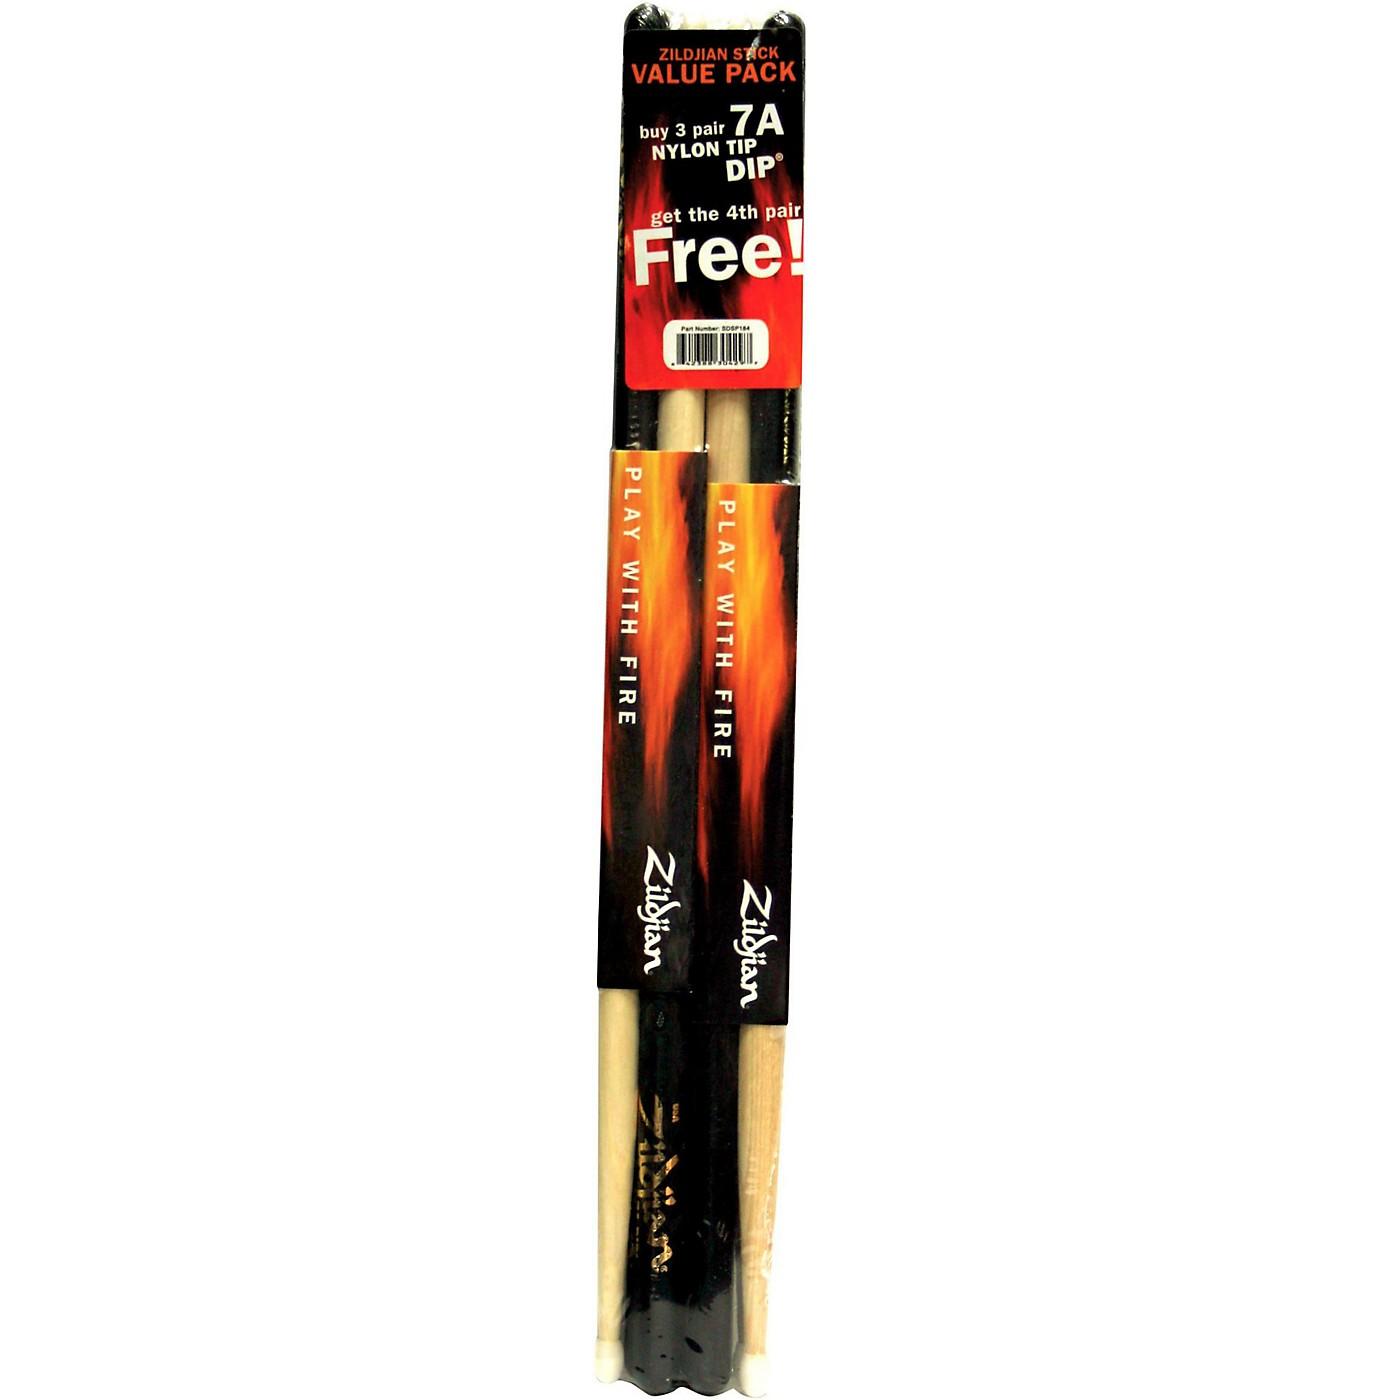 Zildjian DIP Wood Drum Sticks -  Buy 3 Pairs, Get 1 Pair Free, Black thumbnail